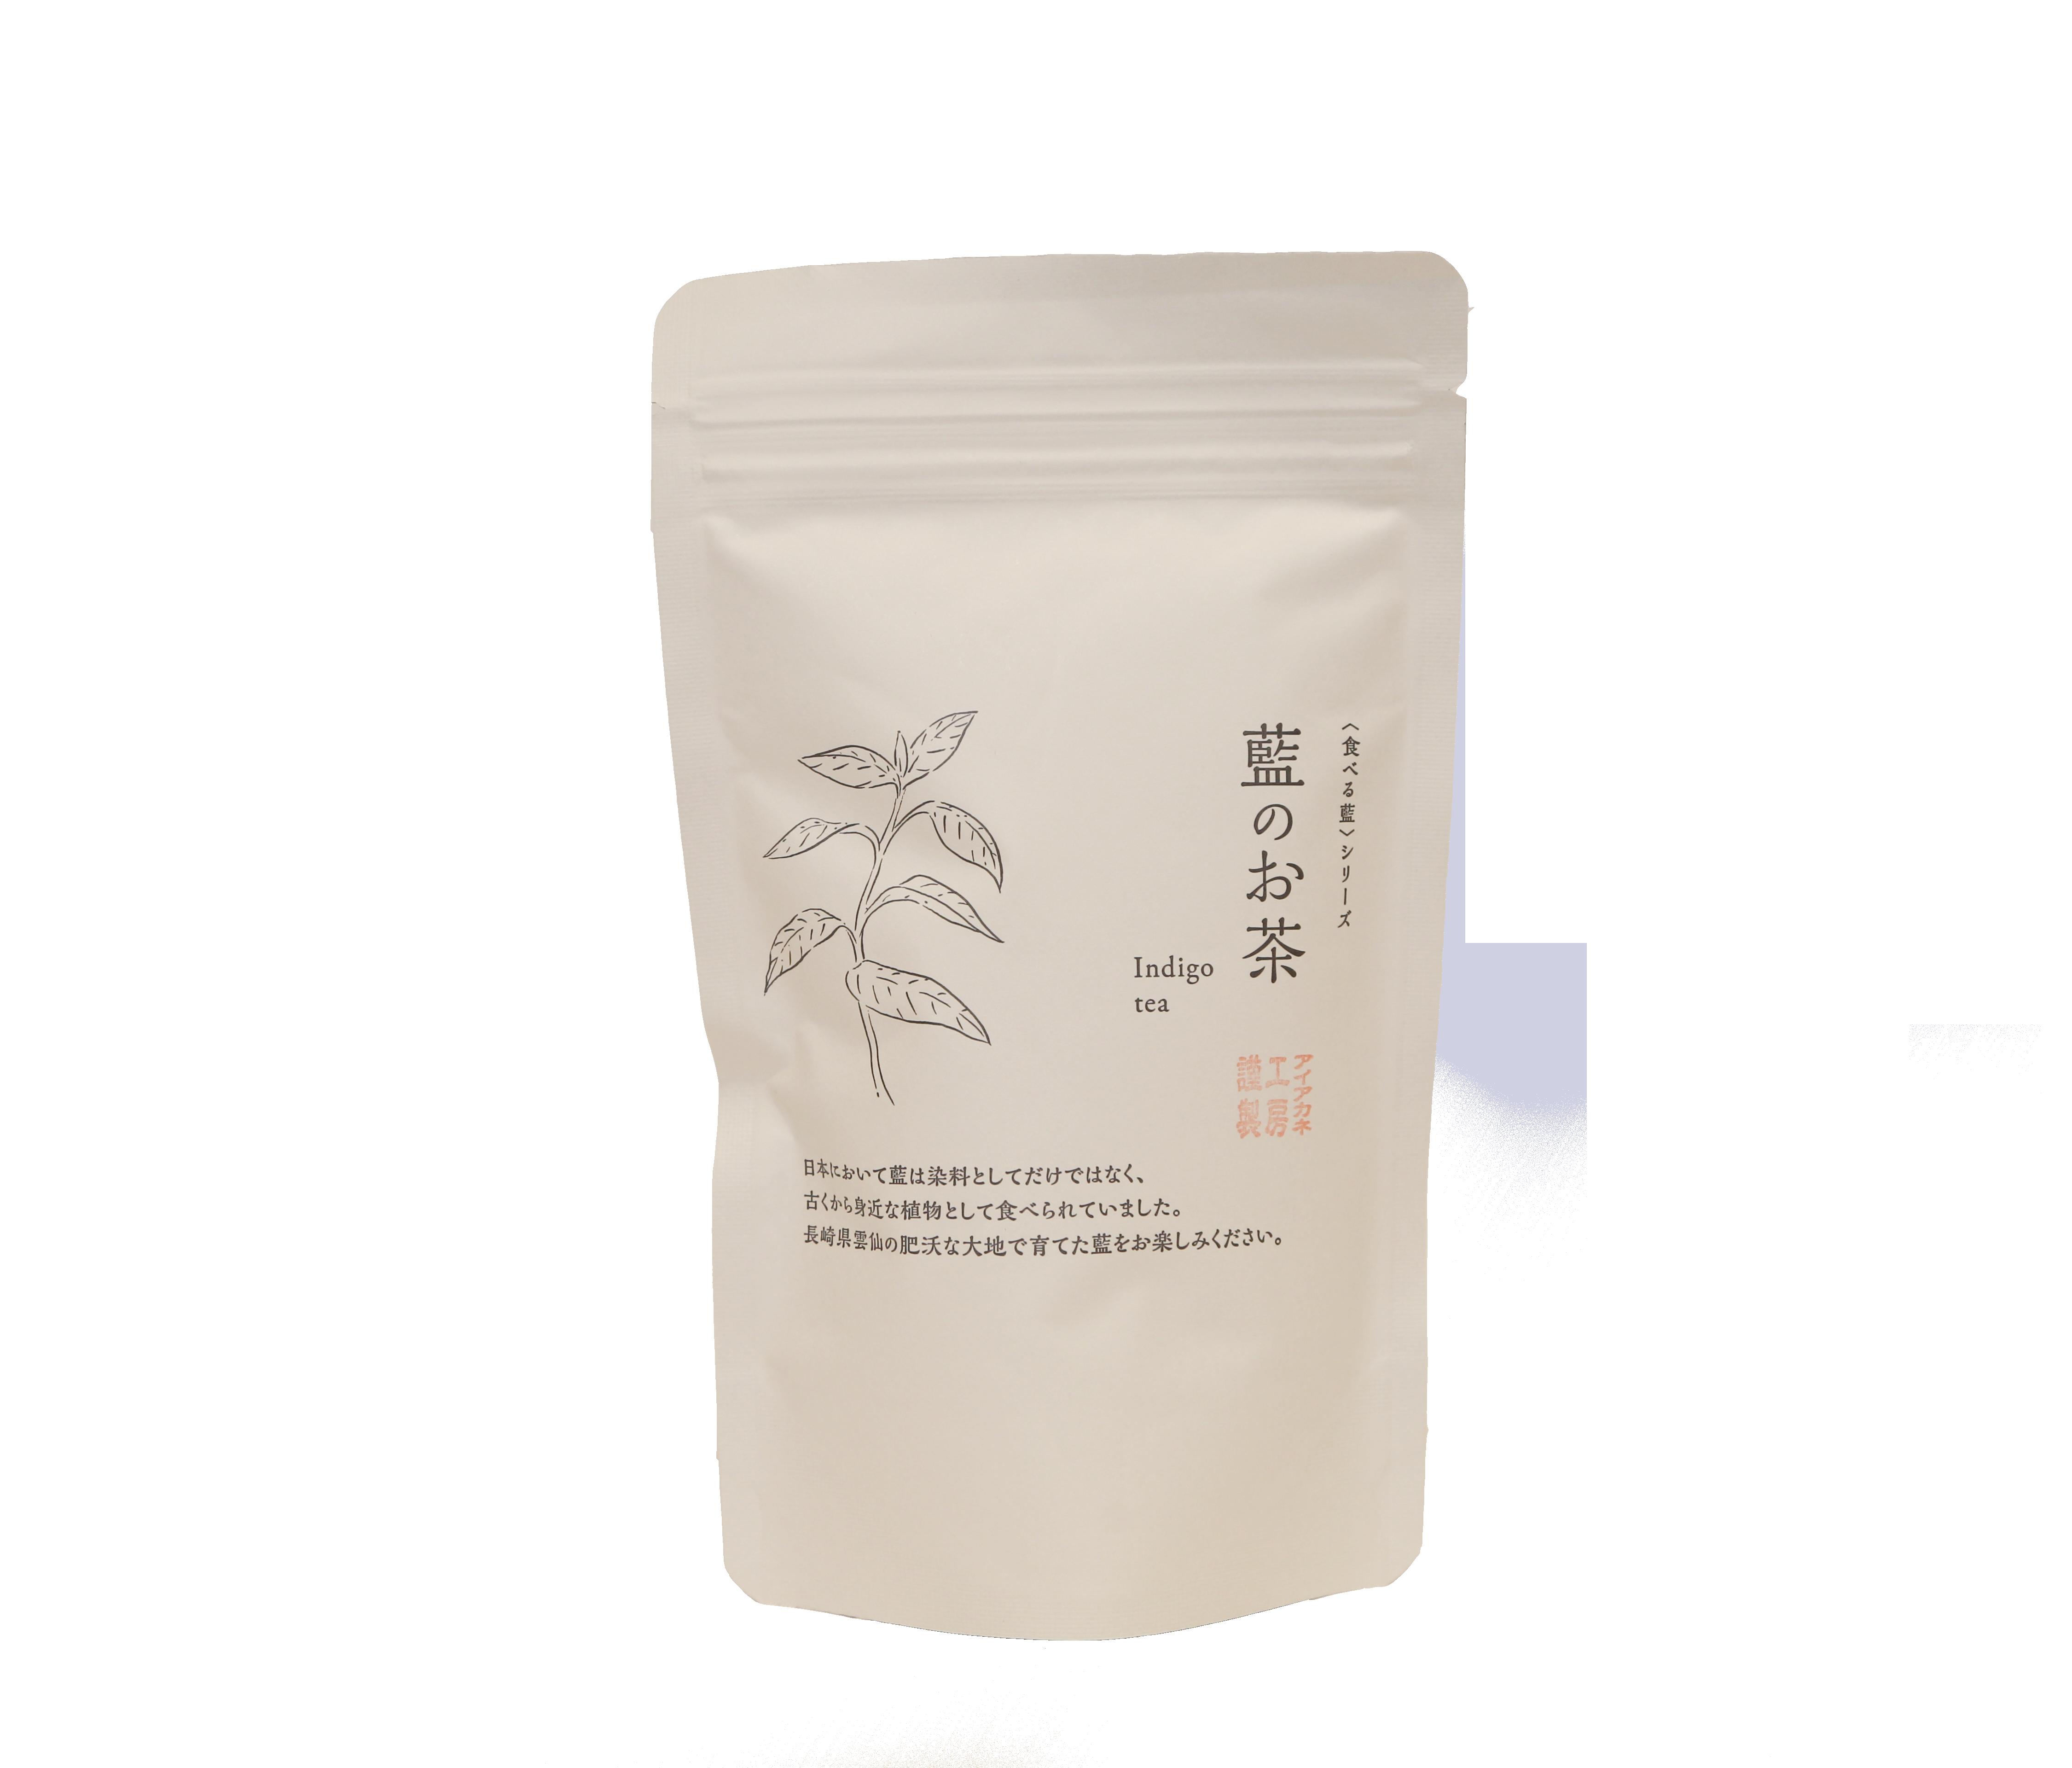 藍のお茶 ティーバッグ 40g(2.0g×20個)【アイアカネ工房】